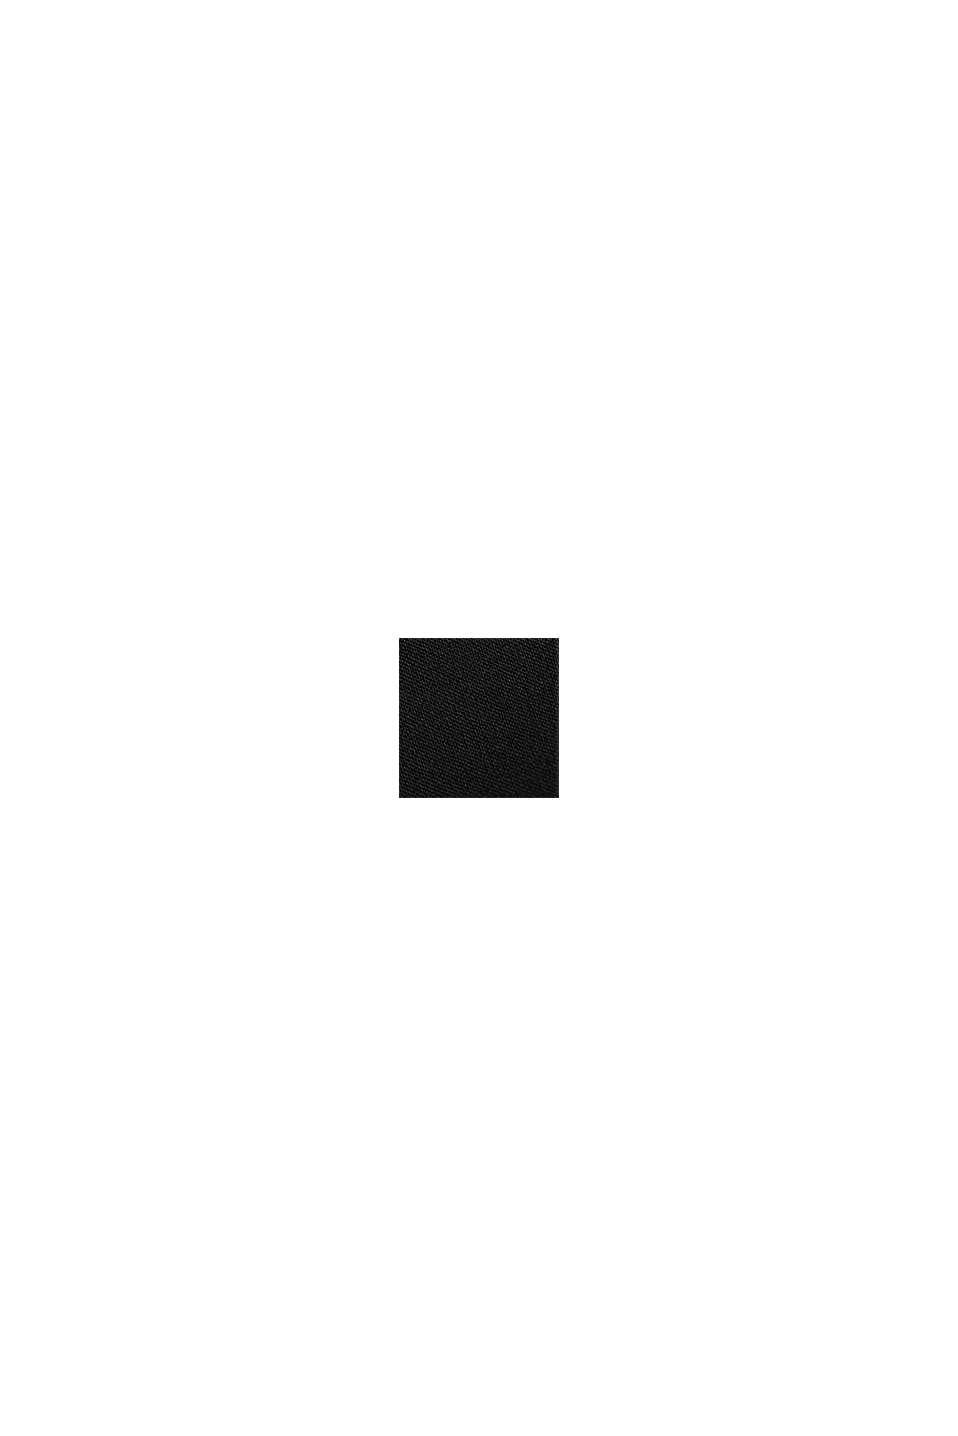 ACTIVE SUIT Sakko aus Woll-Mix, BLACK, swatch